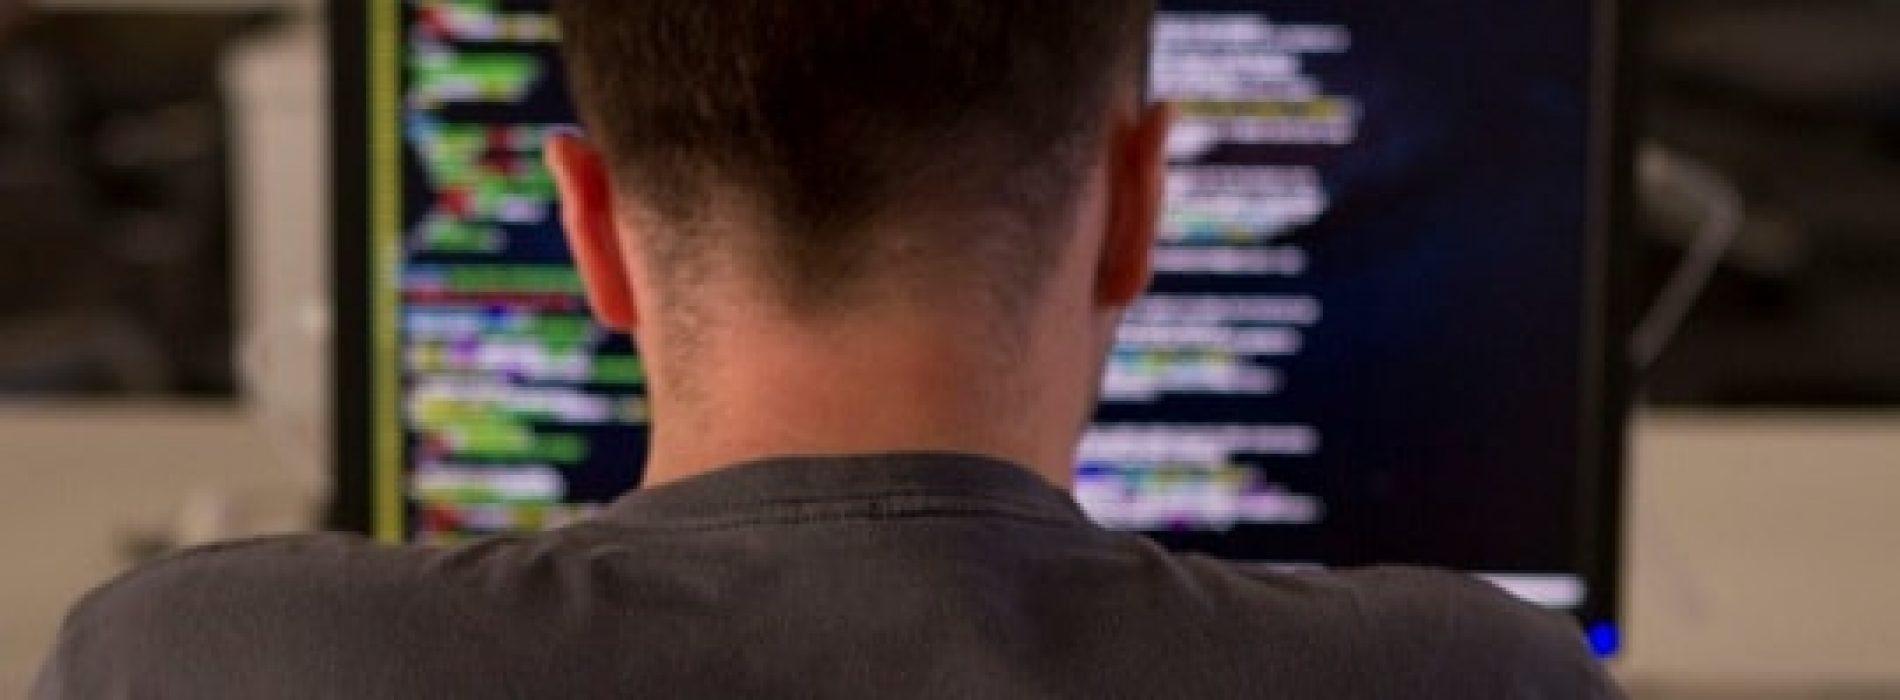 Hvordan unngå virus og svindel på Facebook?